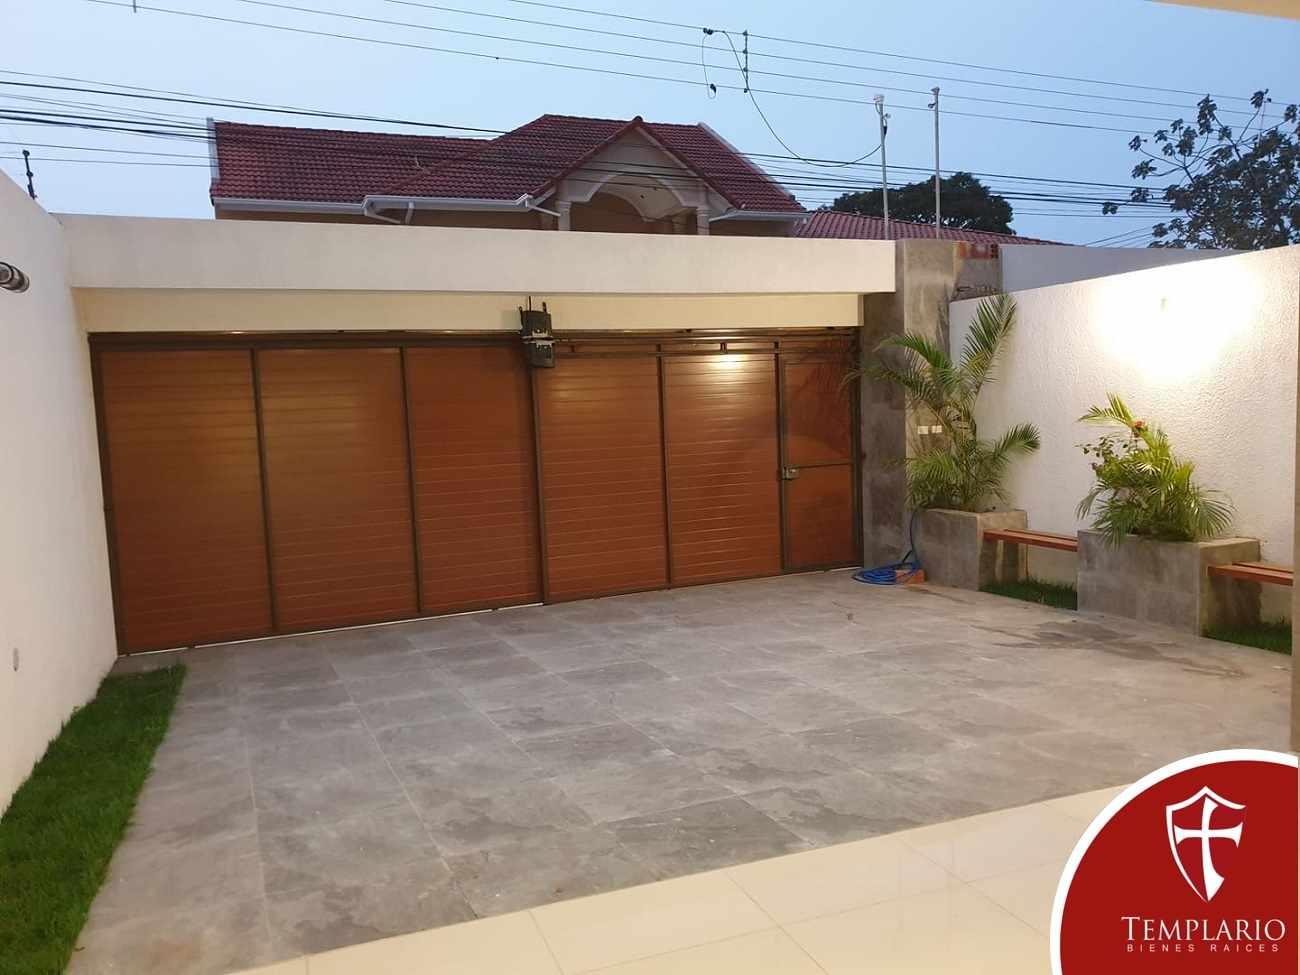 Casa en Venta Av. Santos Dumont 3er y 4to Anillo - Vecindario Residencial Foto 18